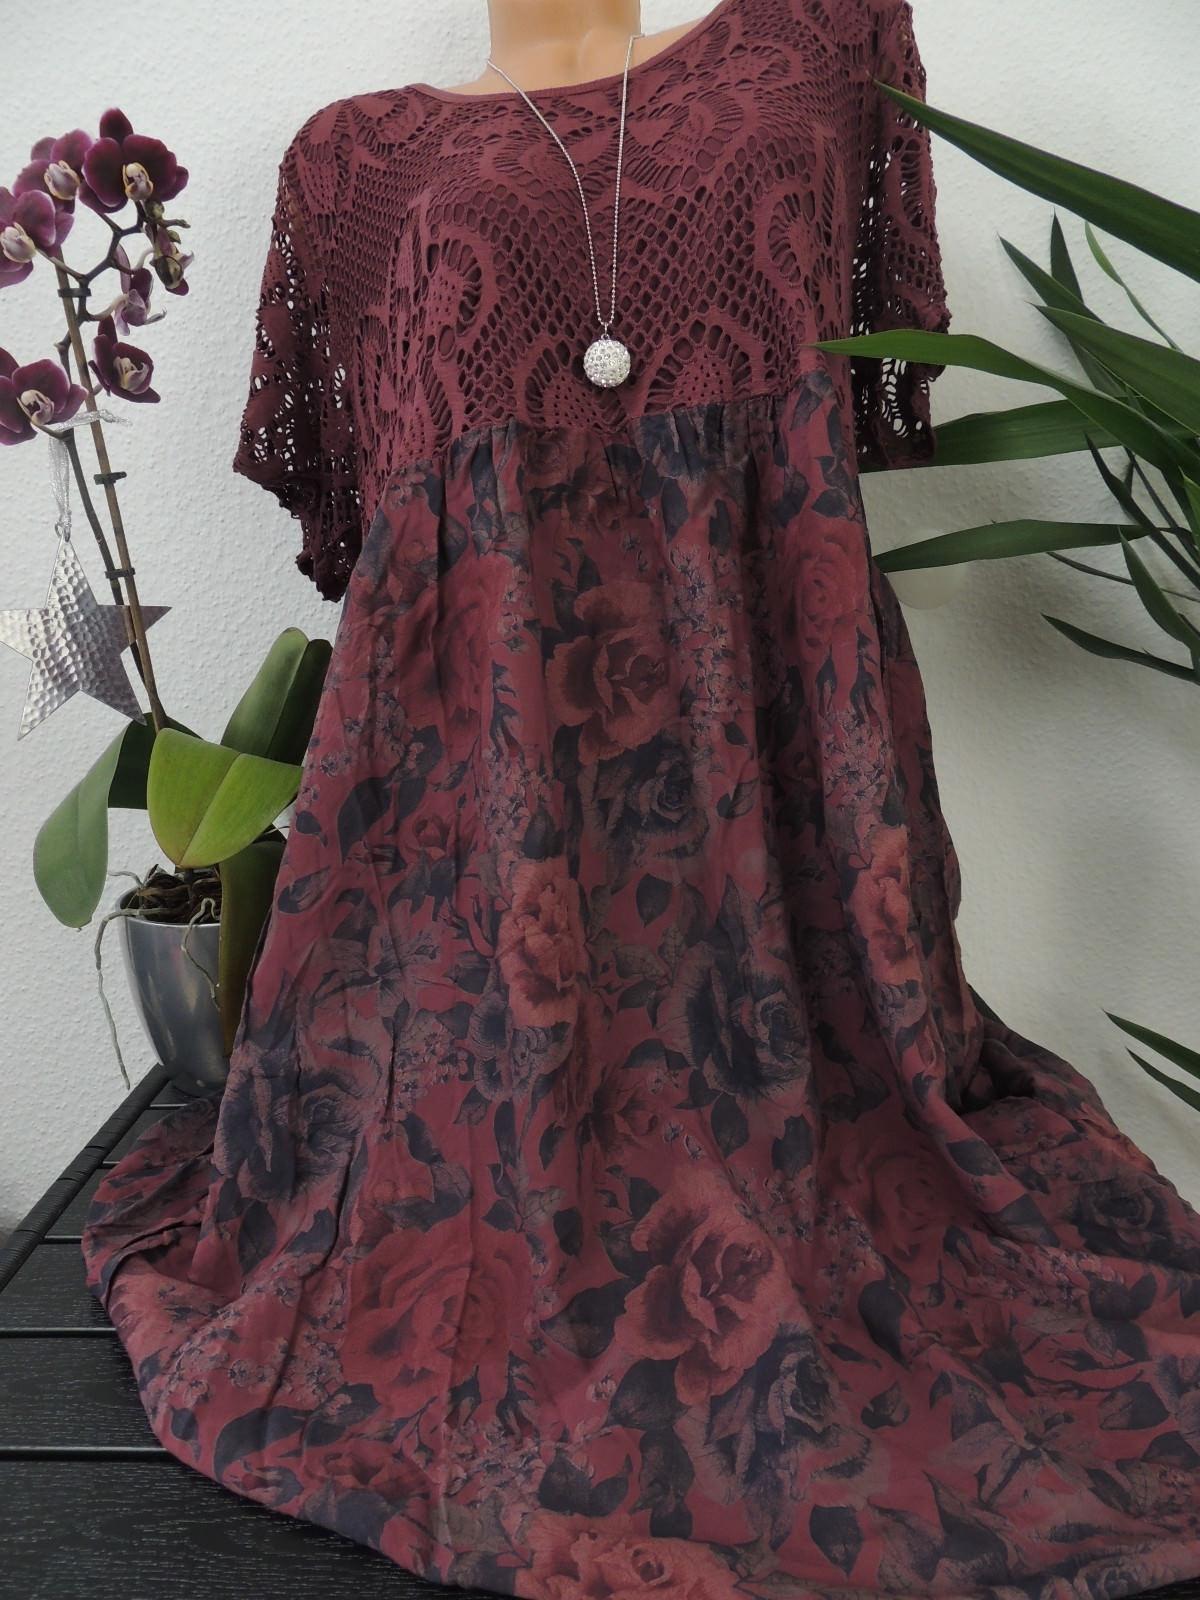 Abend Einzigartig Kleid Gr 48 50 Bester Preis17 Schön Kleid Gr 48 50 Vertrieb